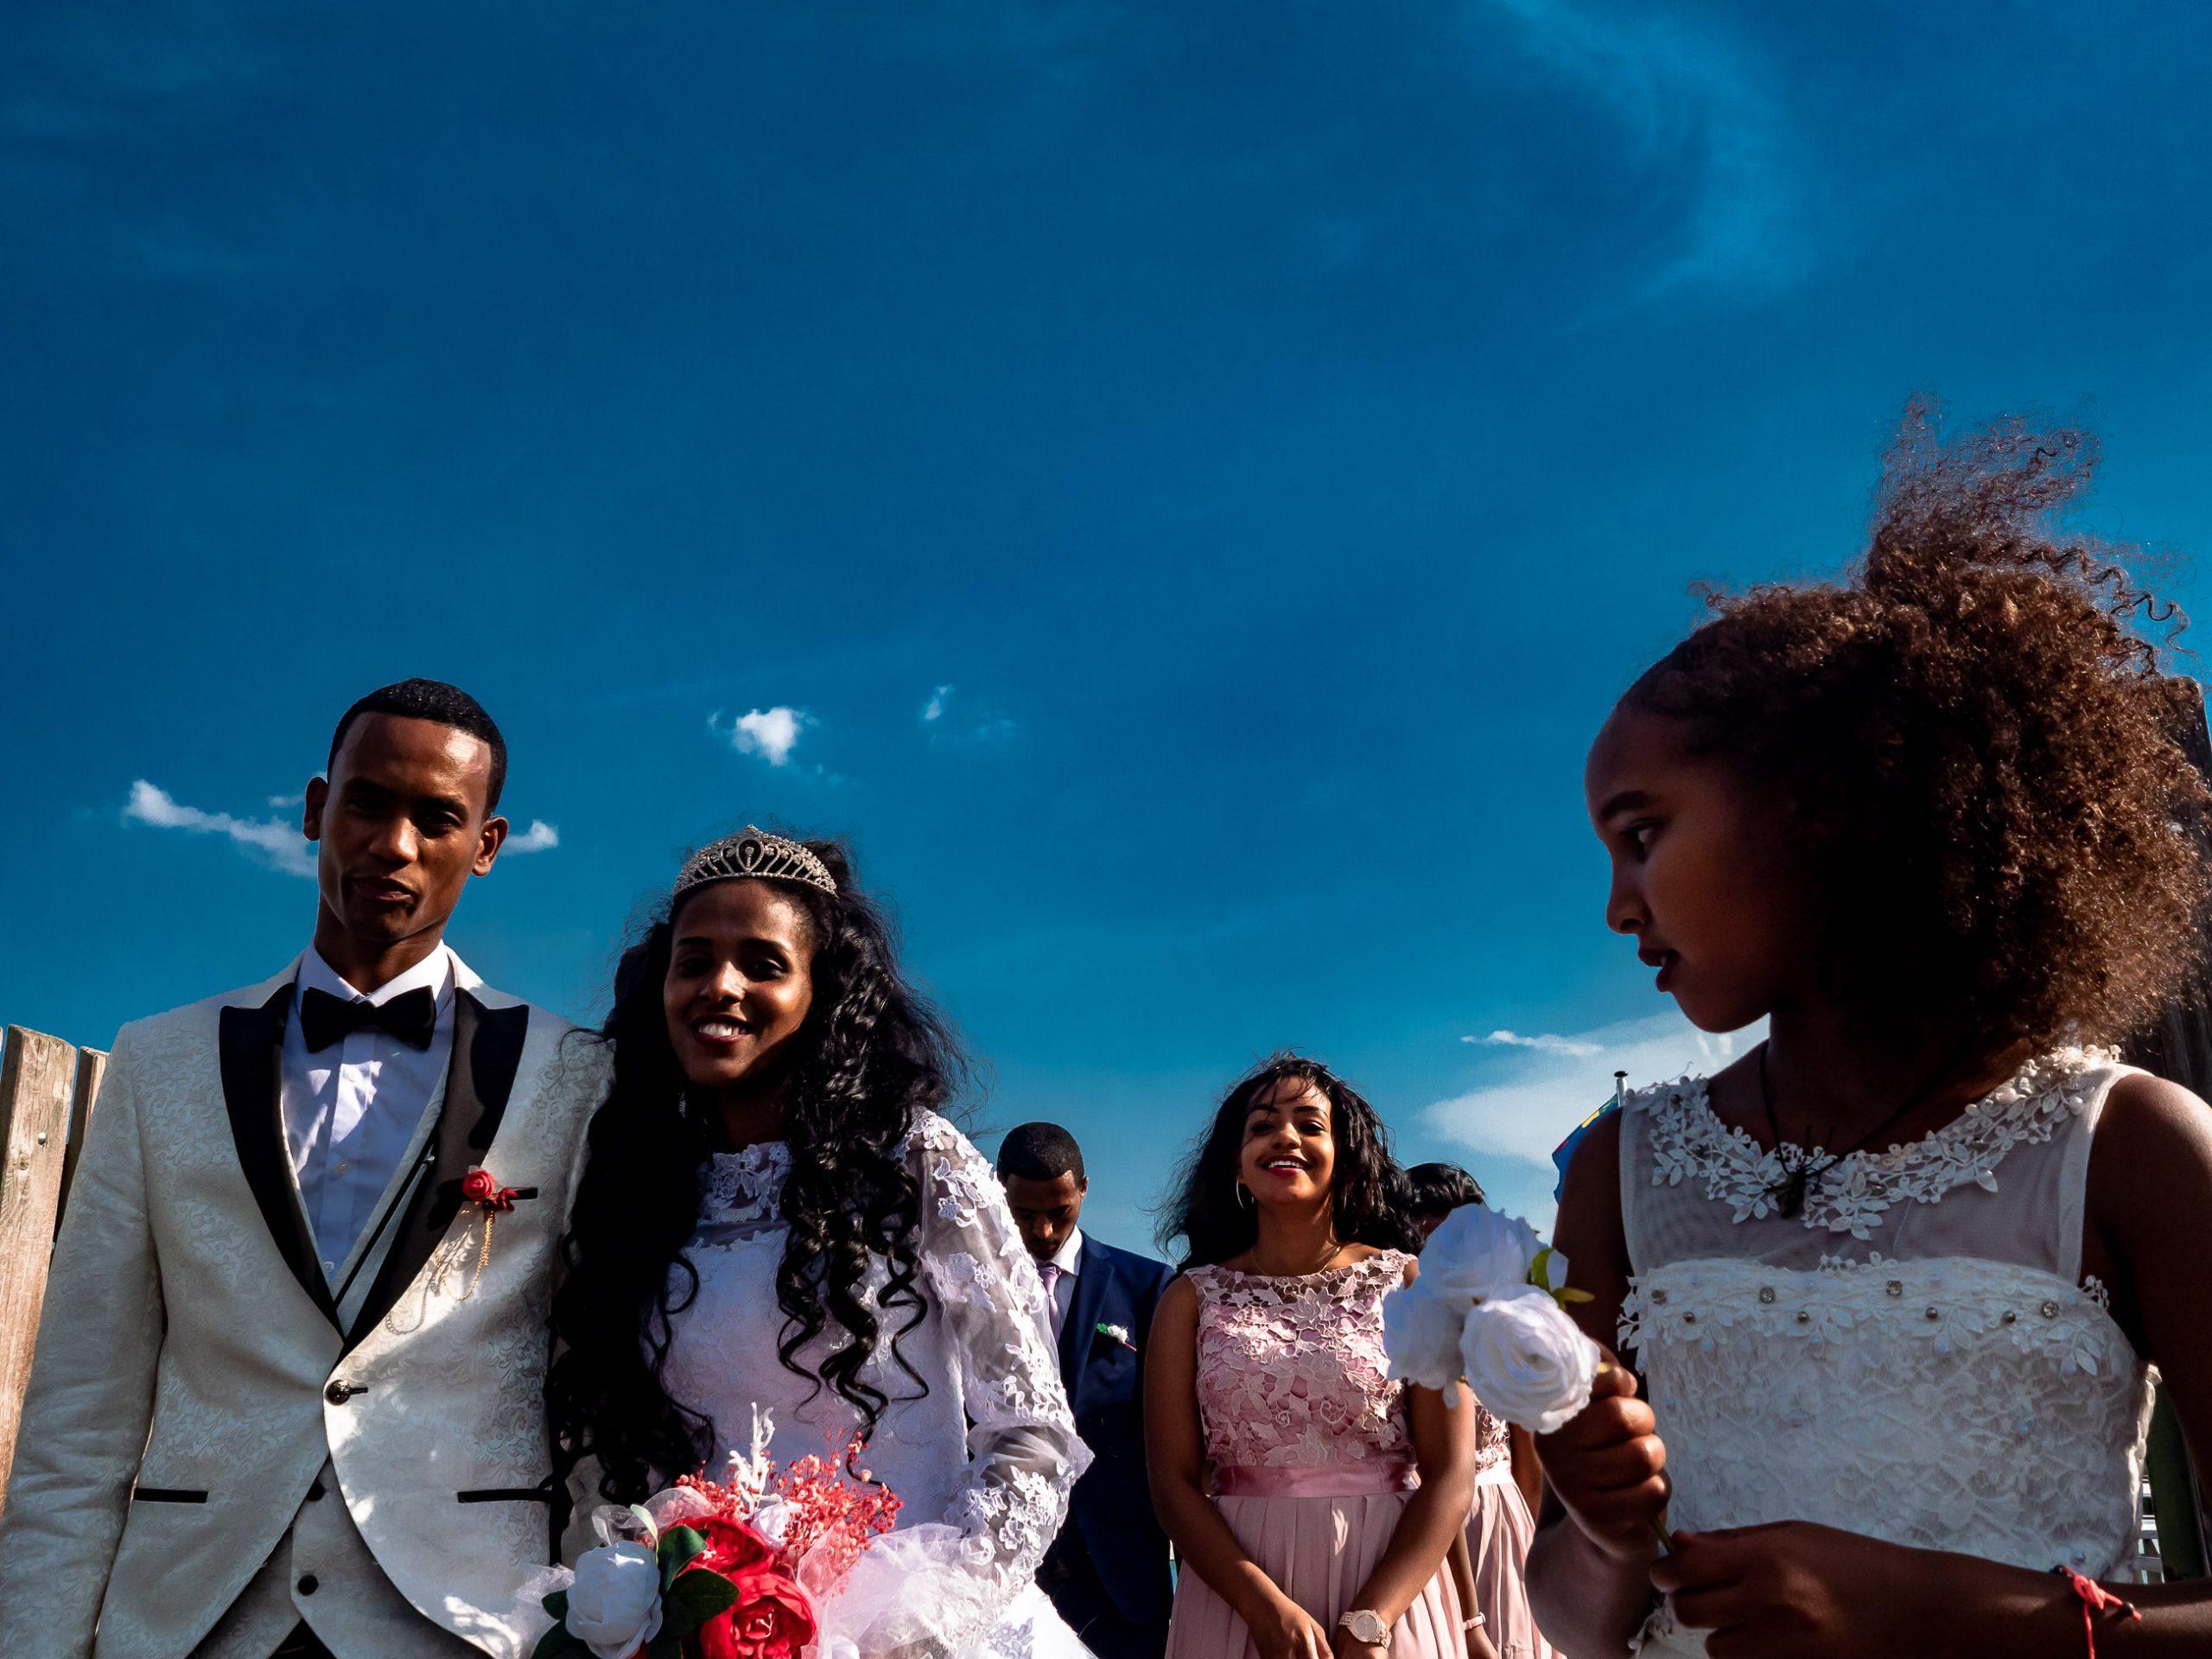 Afrikanische Hochzeit am See Menschen auf der Strandpromenade in Starnberg am See in Bayern